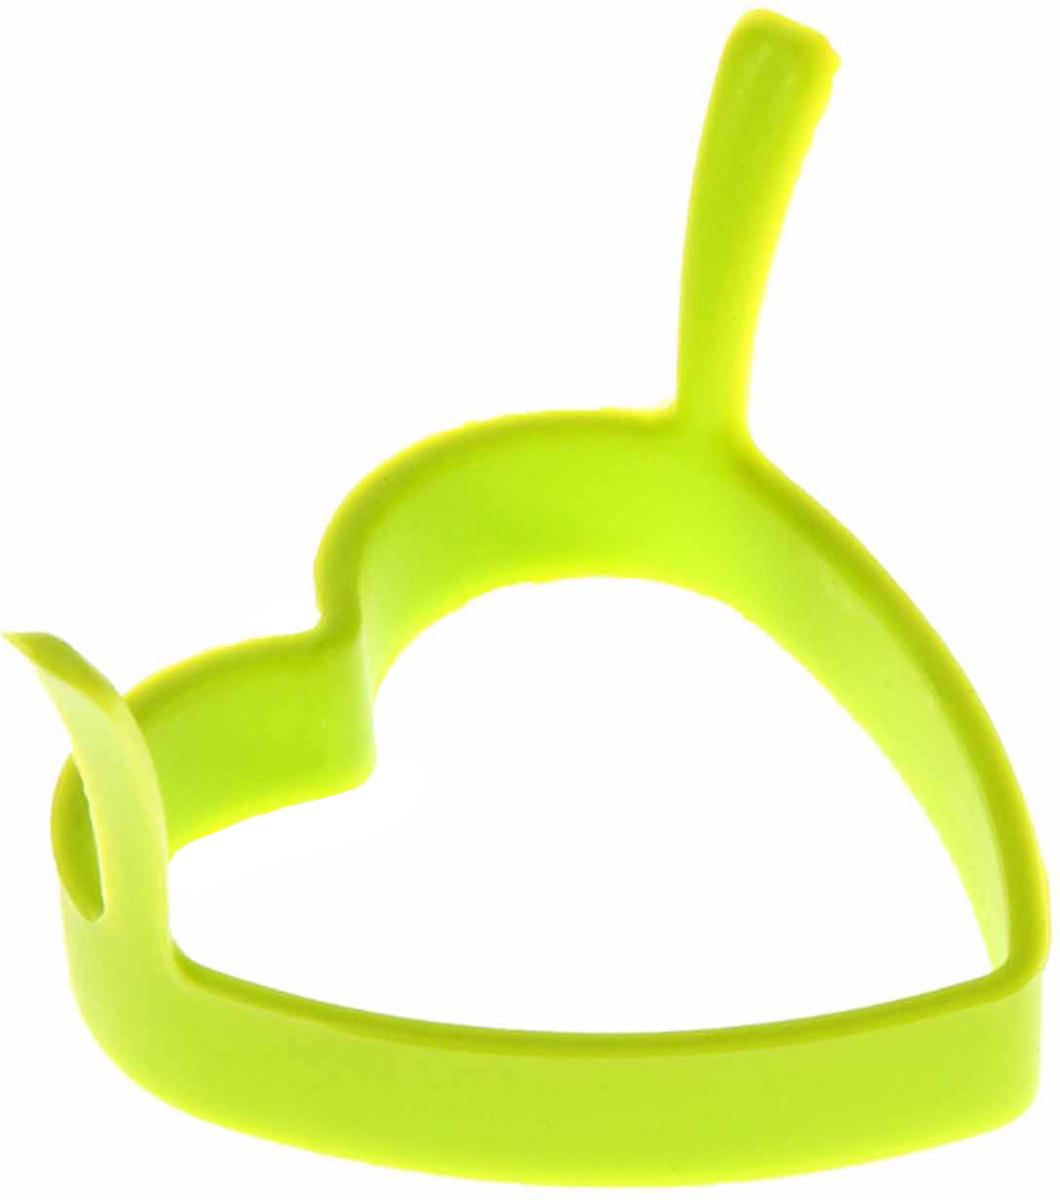 Форма для яичницы и блинов Доляна Сердечко, цвет: салатовый, 8 х 8 см811912Вкусные блины, оладьи, омлеты и яичницы нравятся всем. Сделать хорошо знакомые блюда поводом для кулинарной гордости поможет специальная форма из силикона Доляна Сердечко. Налейте на сковороду масло и поставьте на средний огонь, расположите форму в центре и наполните ее тестом или разбейте внутрь яйцо, обжаривайте до готовности. Силикон обладает важными достоинствами: выдерживает температуру от 40 до +230 °C; не обжигает руки при готовке; легко отмывается, в том числе в посудомоечной машине; благодаря высокой гибкости и прочности служит долгое время.Размер: 8 х 8 см.